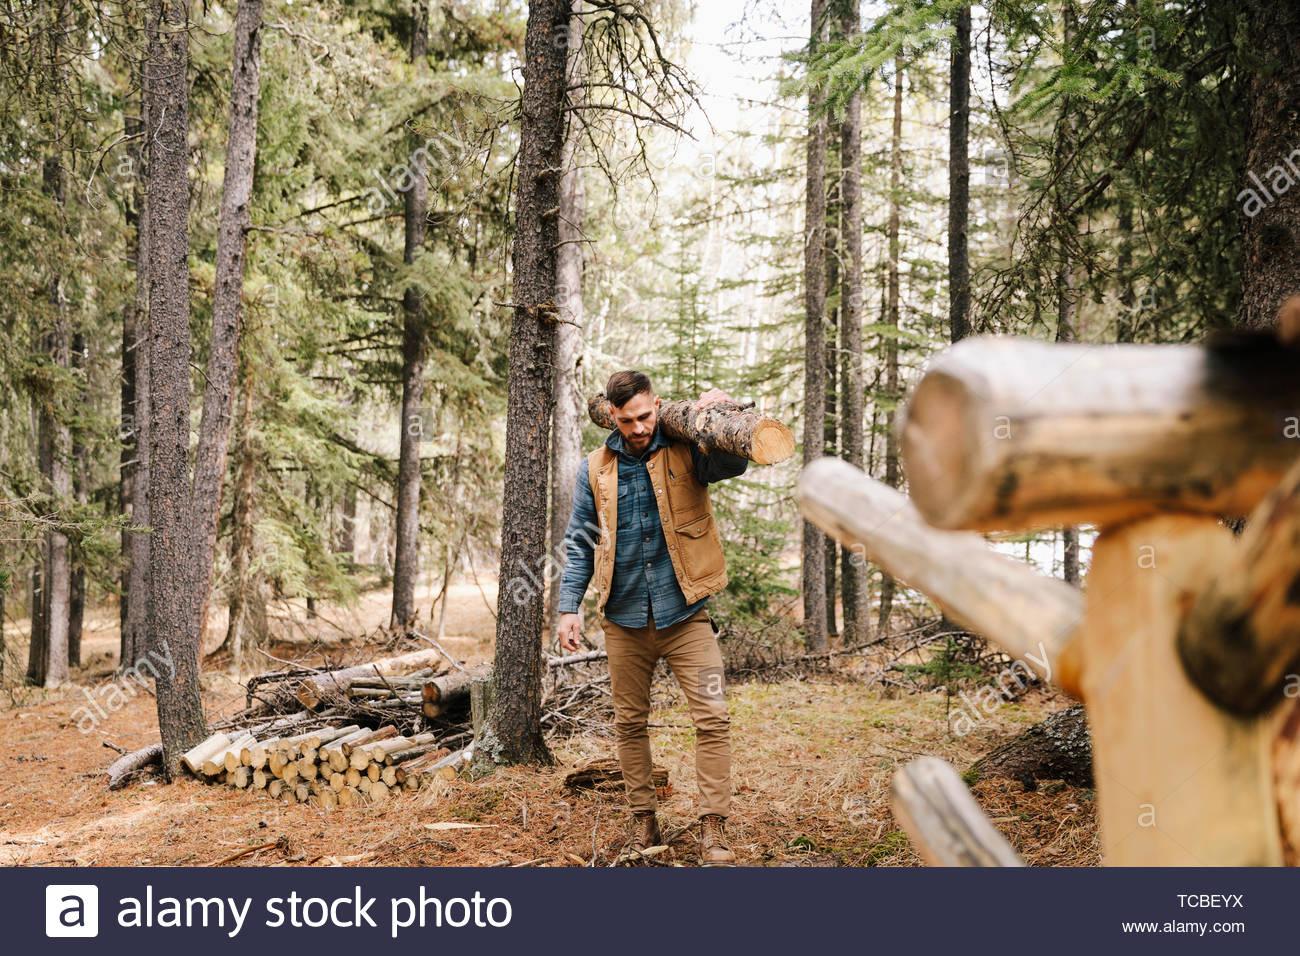 Uomo che porta tronco per legna da ardere nei boschi Immagini Stock